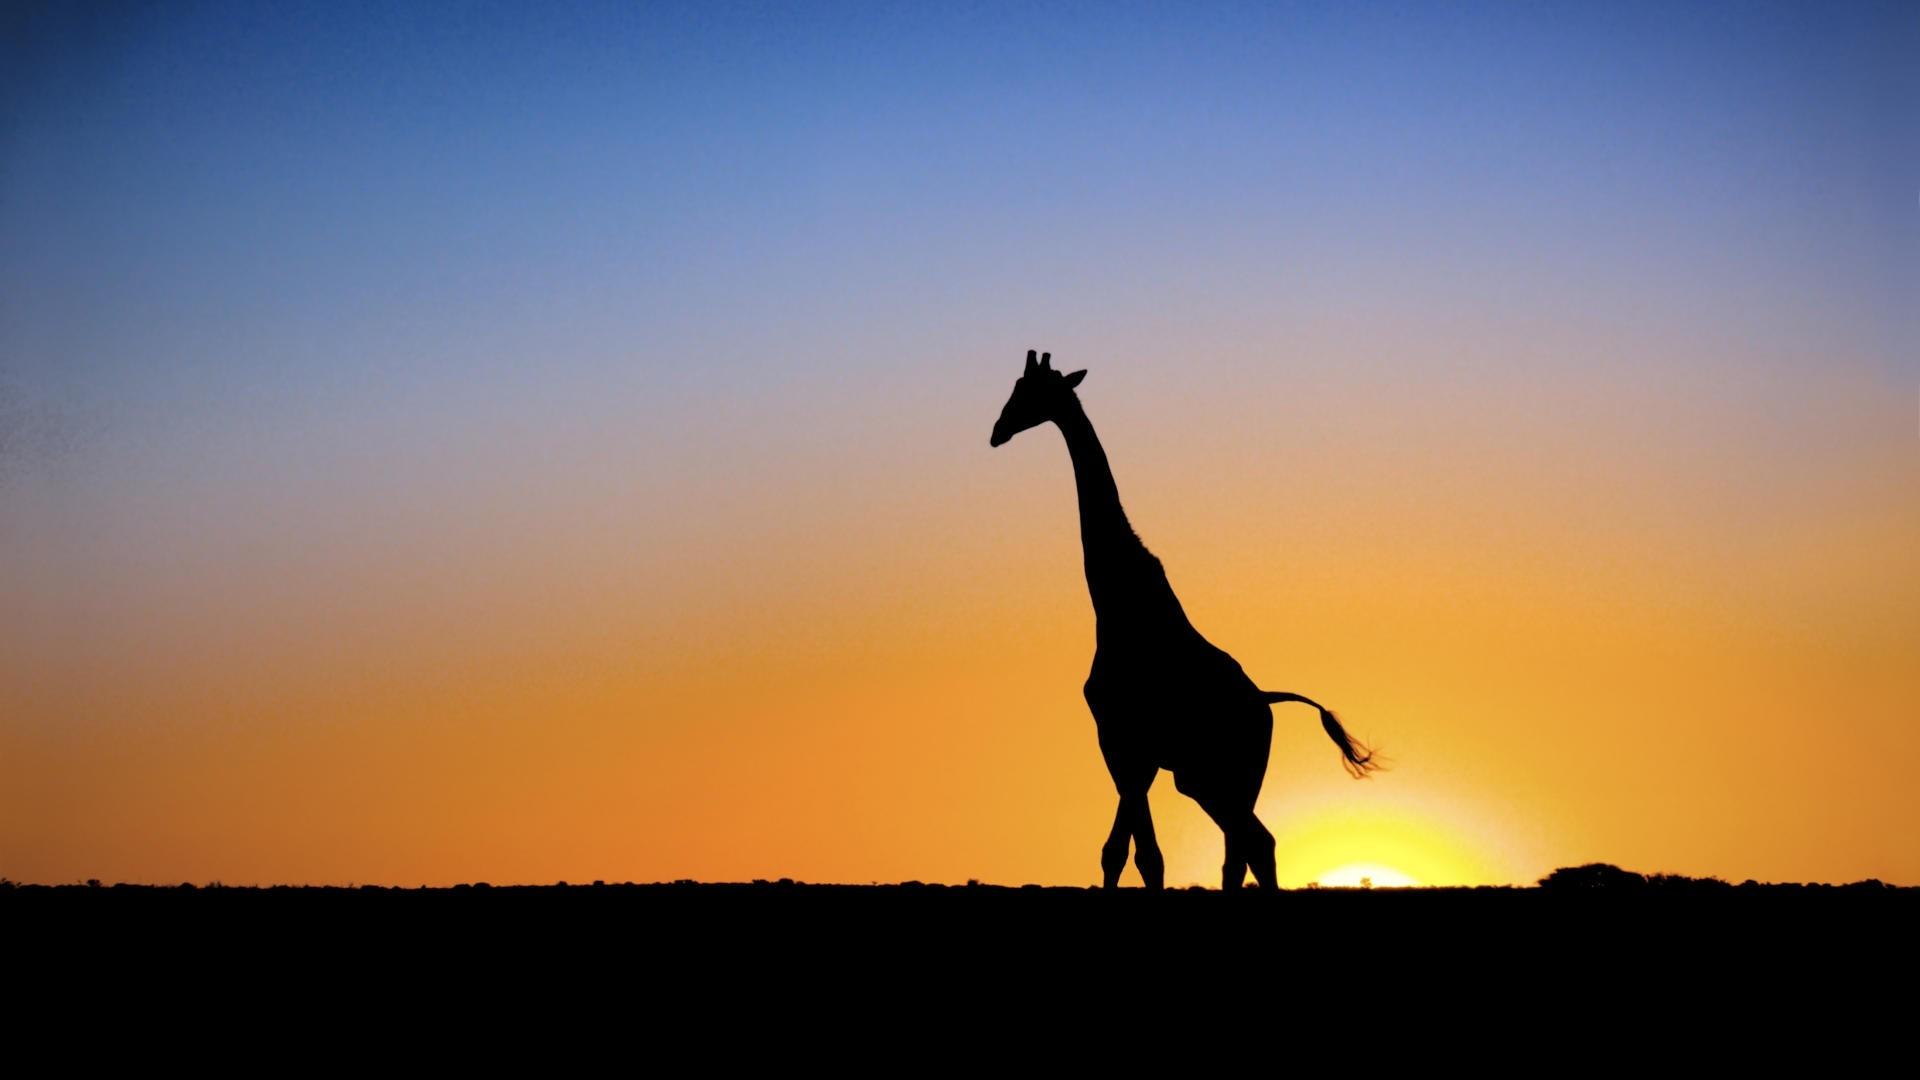 1920x1080 Sunset Animals Silhouette Giraffes 1920x1080 Wallpaper High